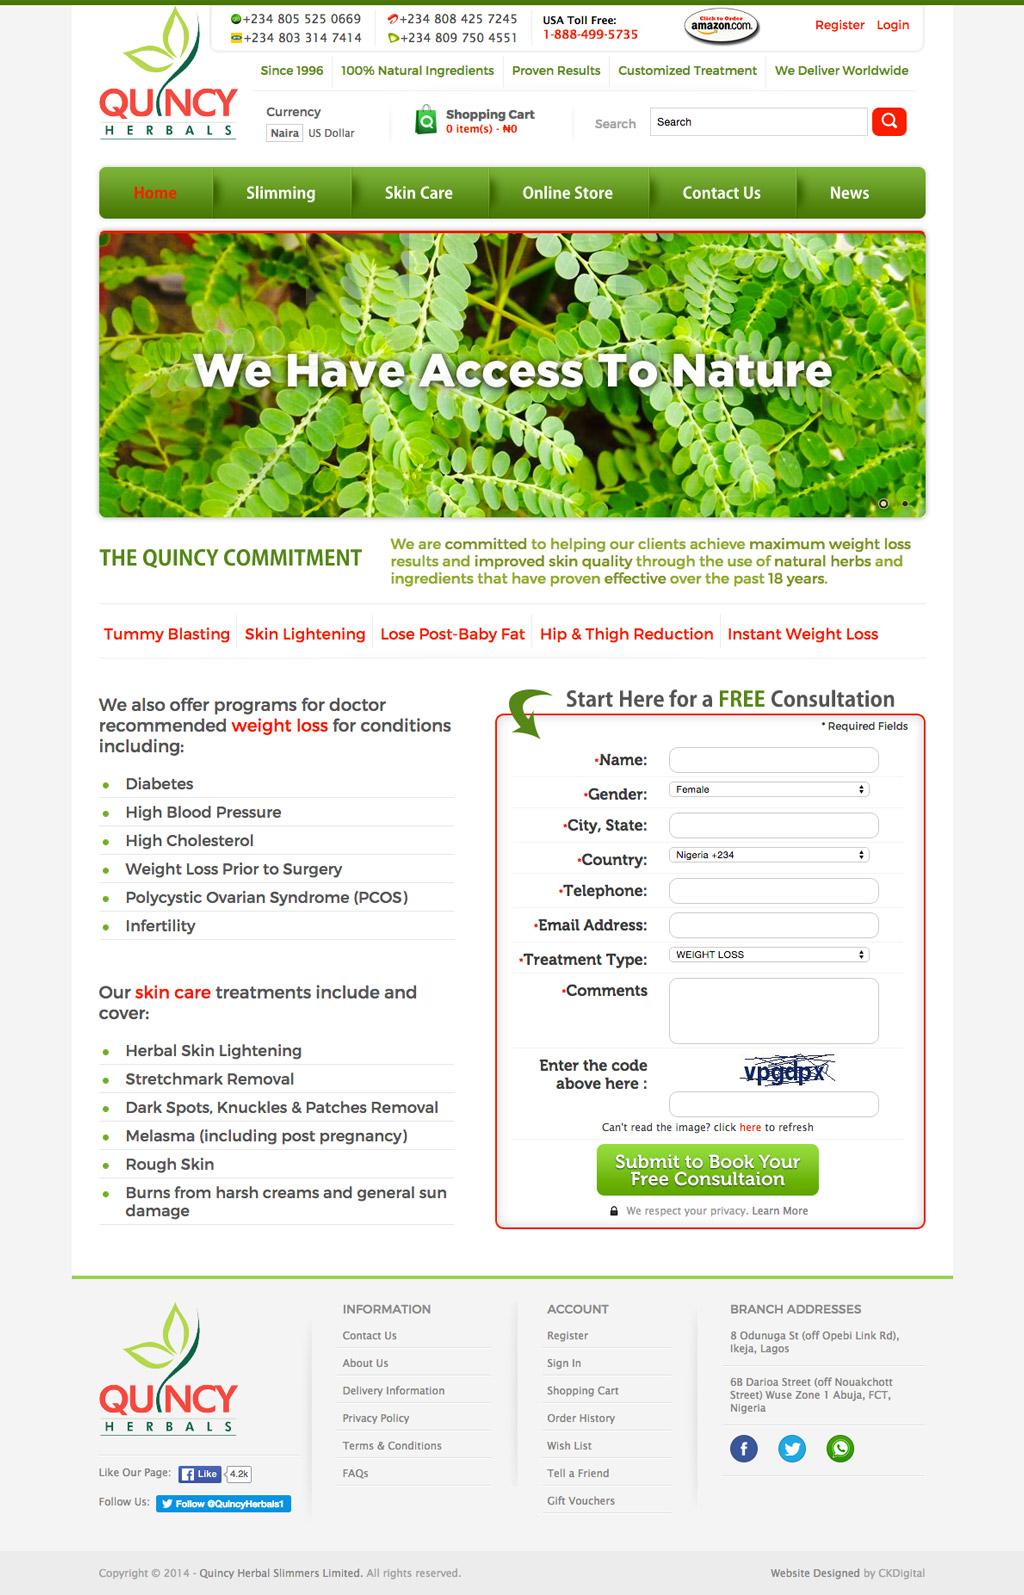 quincy-herbals-website-developer